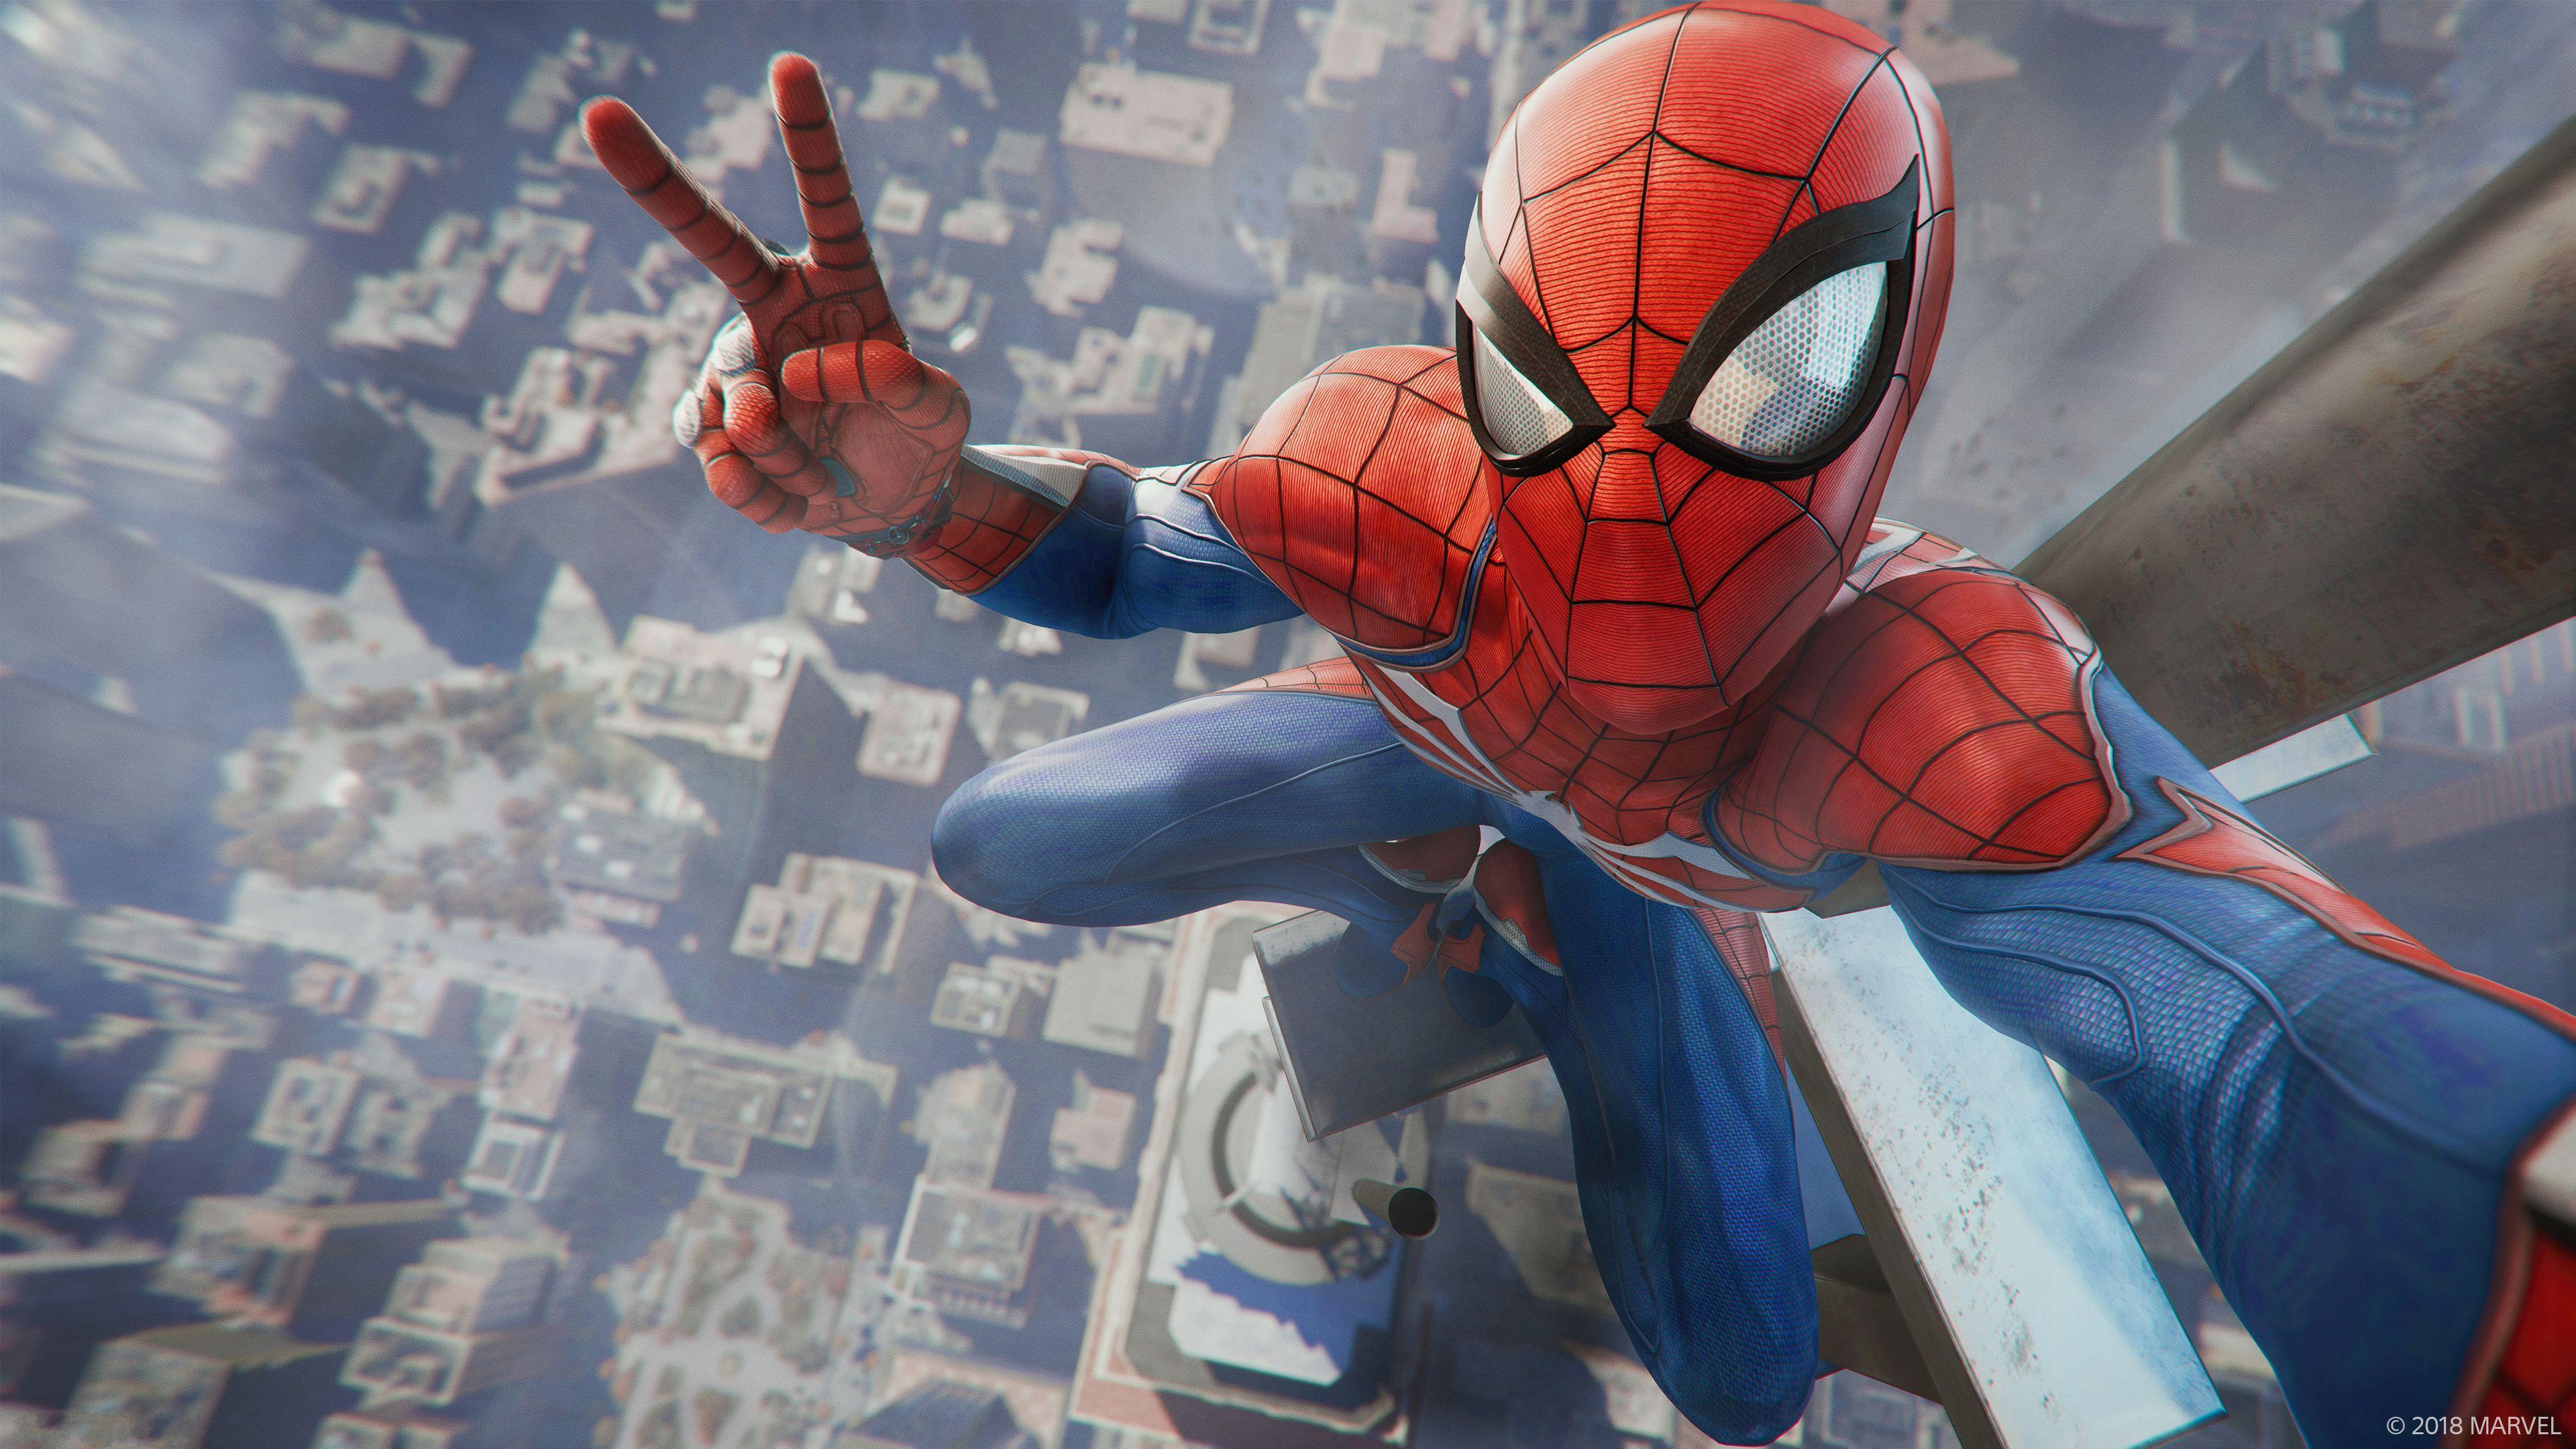 Spider-Man (PS4) Fondo De Pantalla And Fondo De Escritorio